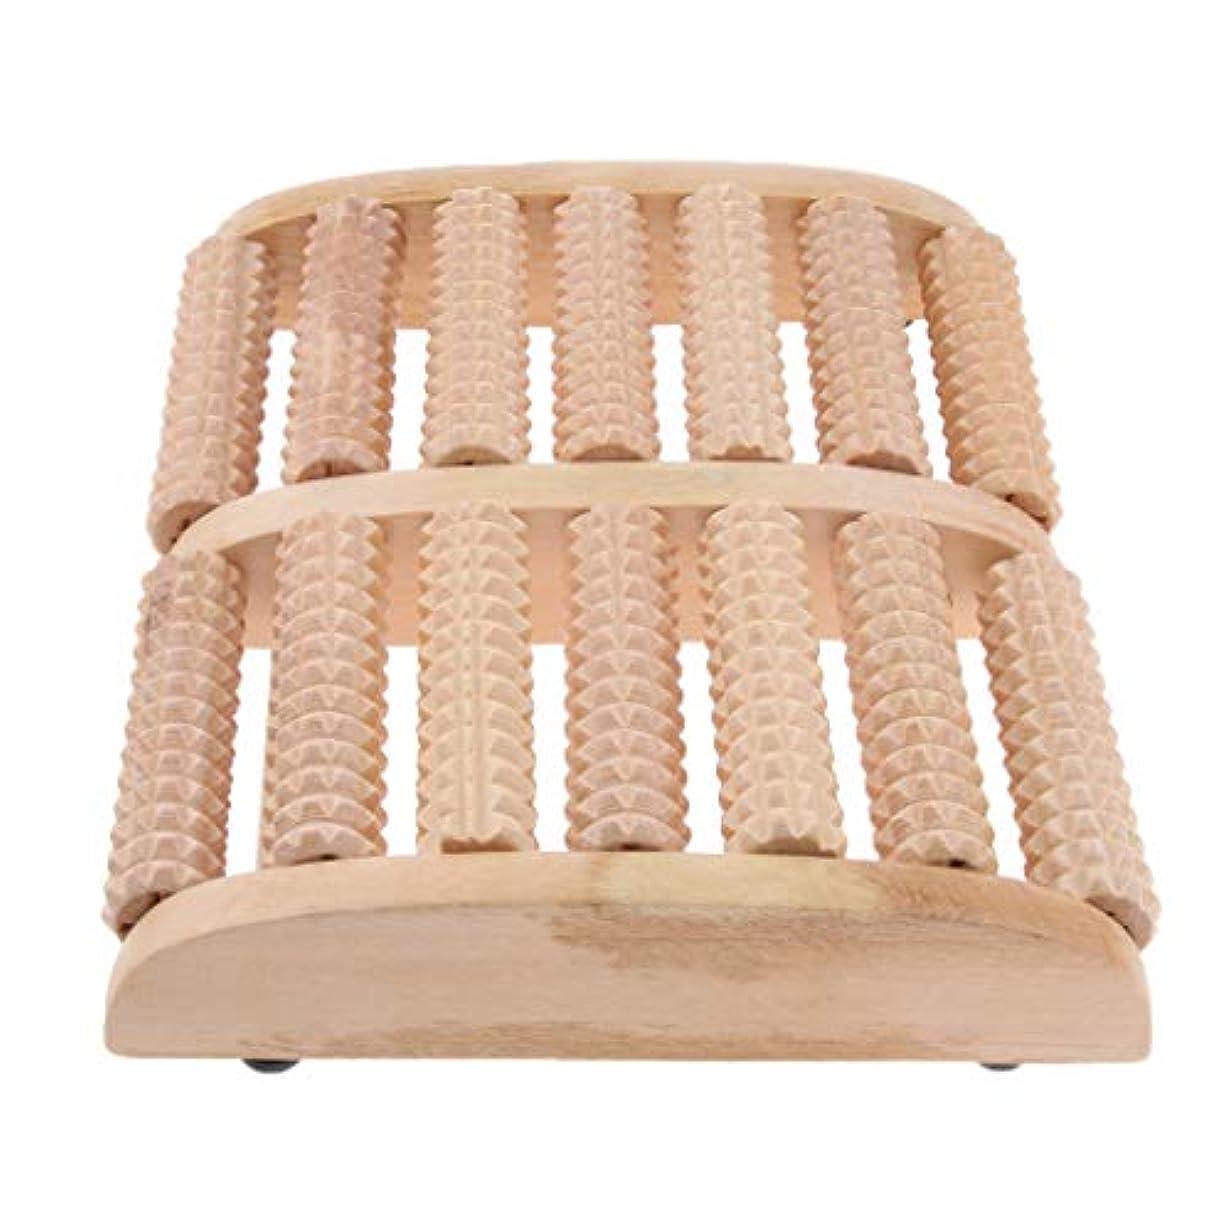 急流どう?家具フットマッサージ ウッドローラーマッサージャー ツボ押し 足底筋膜炎 ストレス軽減 痛み緩和 7行